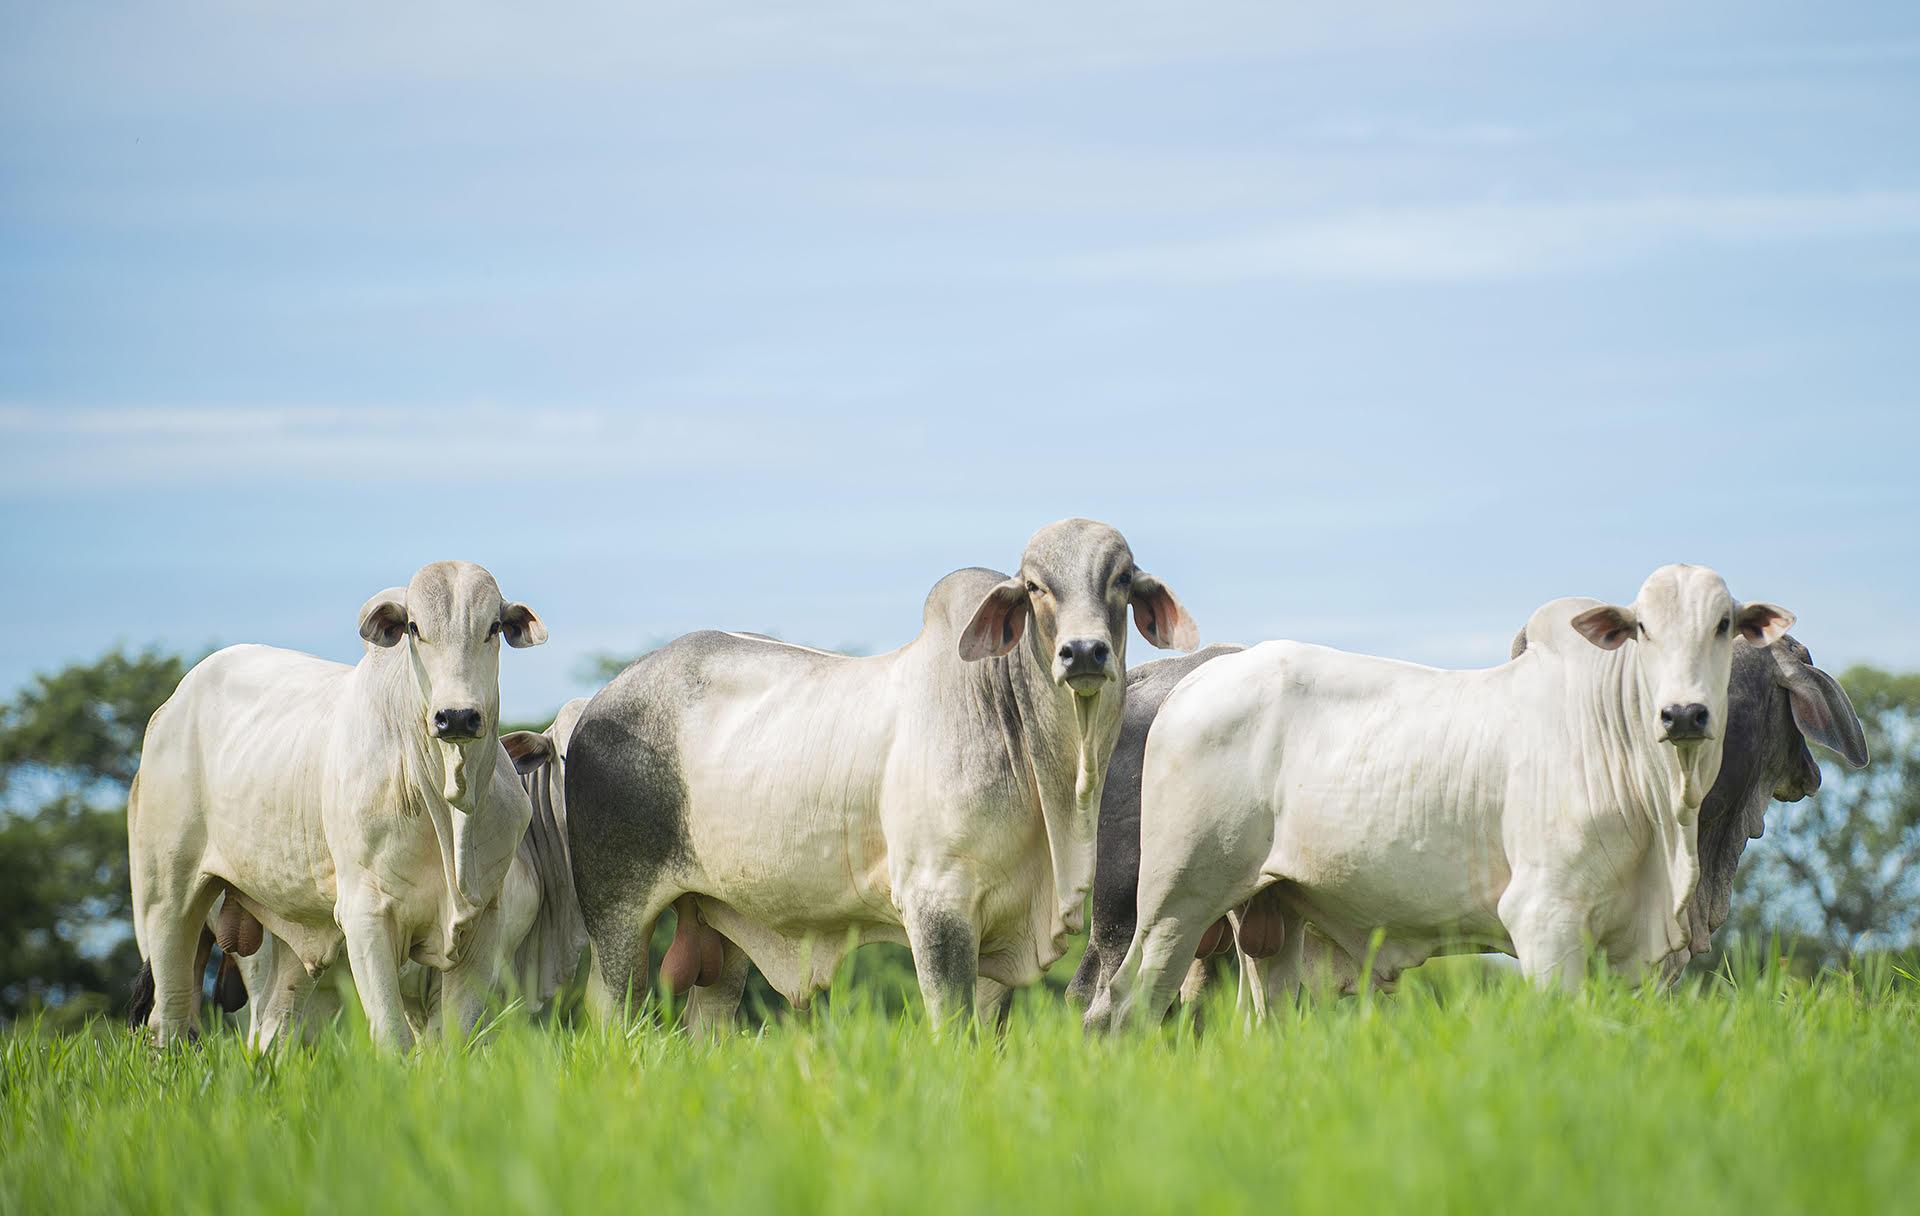 pecuarios-labunidos-veterinario-colombia-vacuno-productos-agroindustria